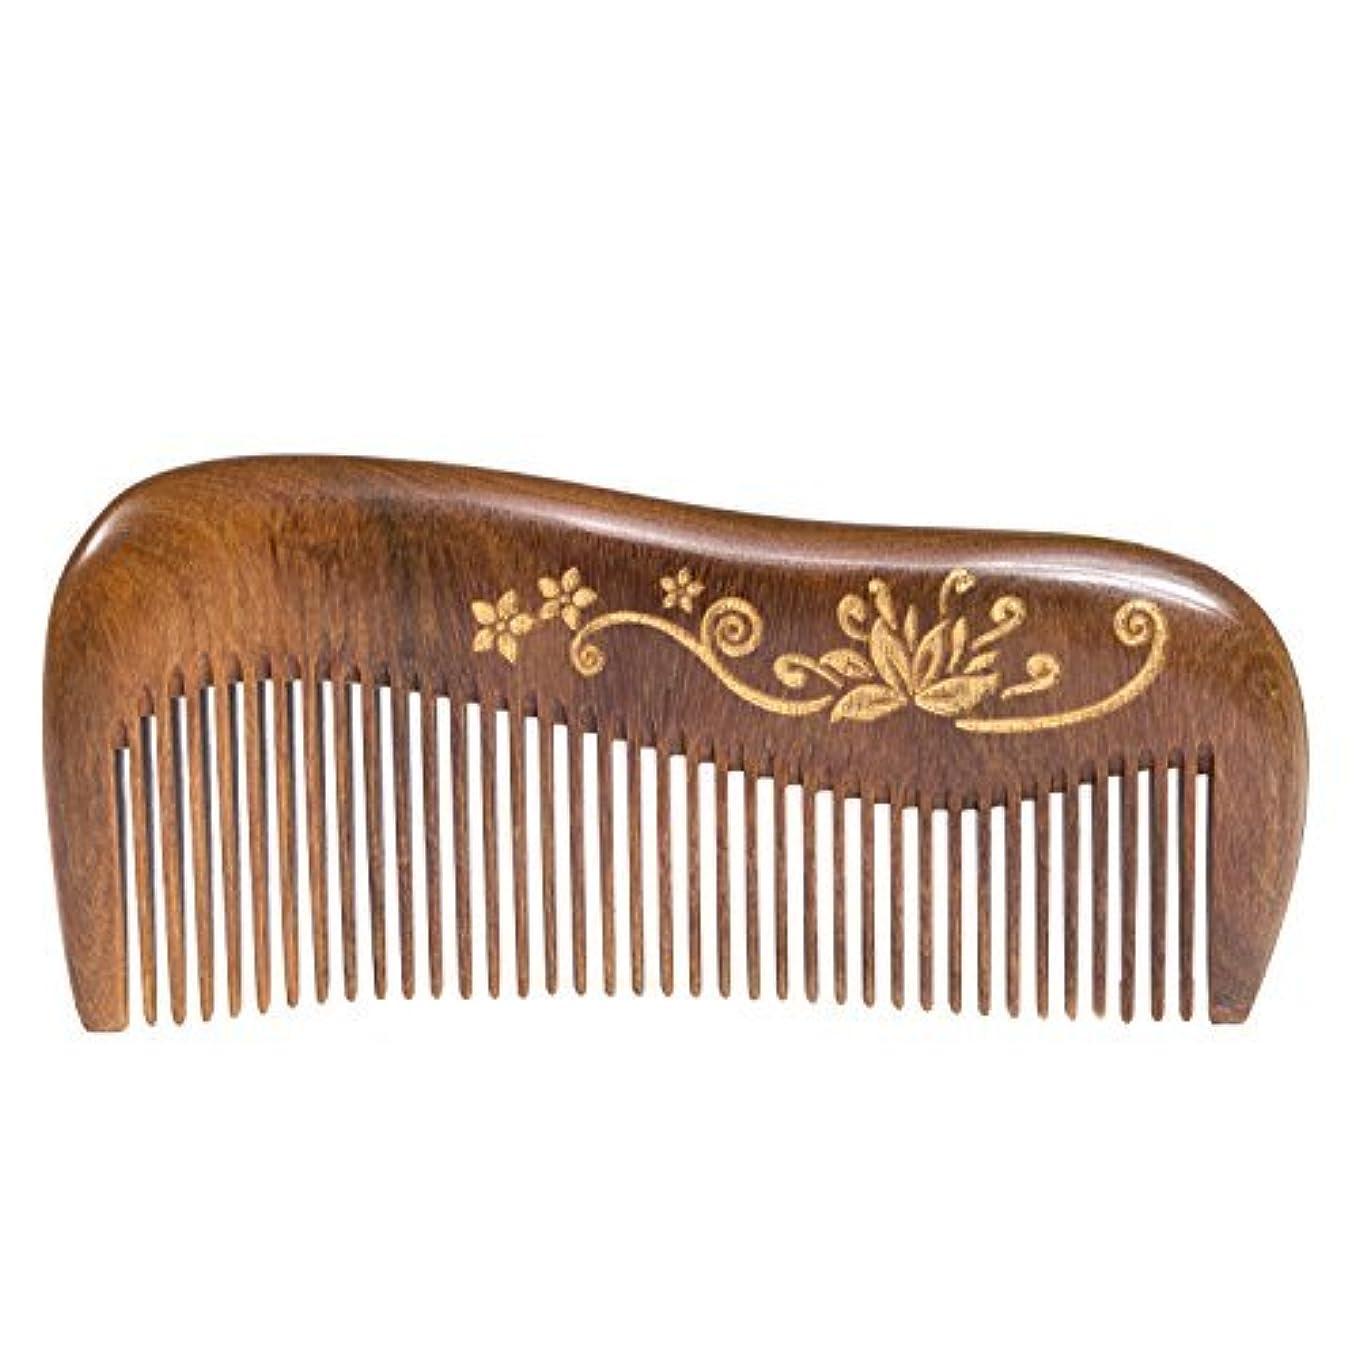 キャップ甥Breezelike Wooden Hair Comb - Fine Tooth Wood Comb for Women - No Static Natural Detangling Sandalwood Comb [並行輸入品]